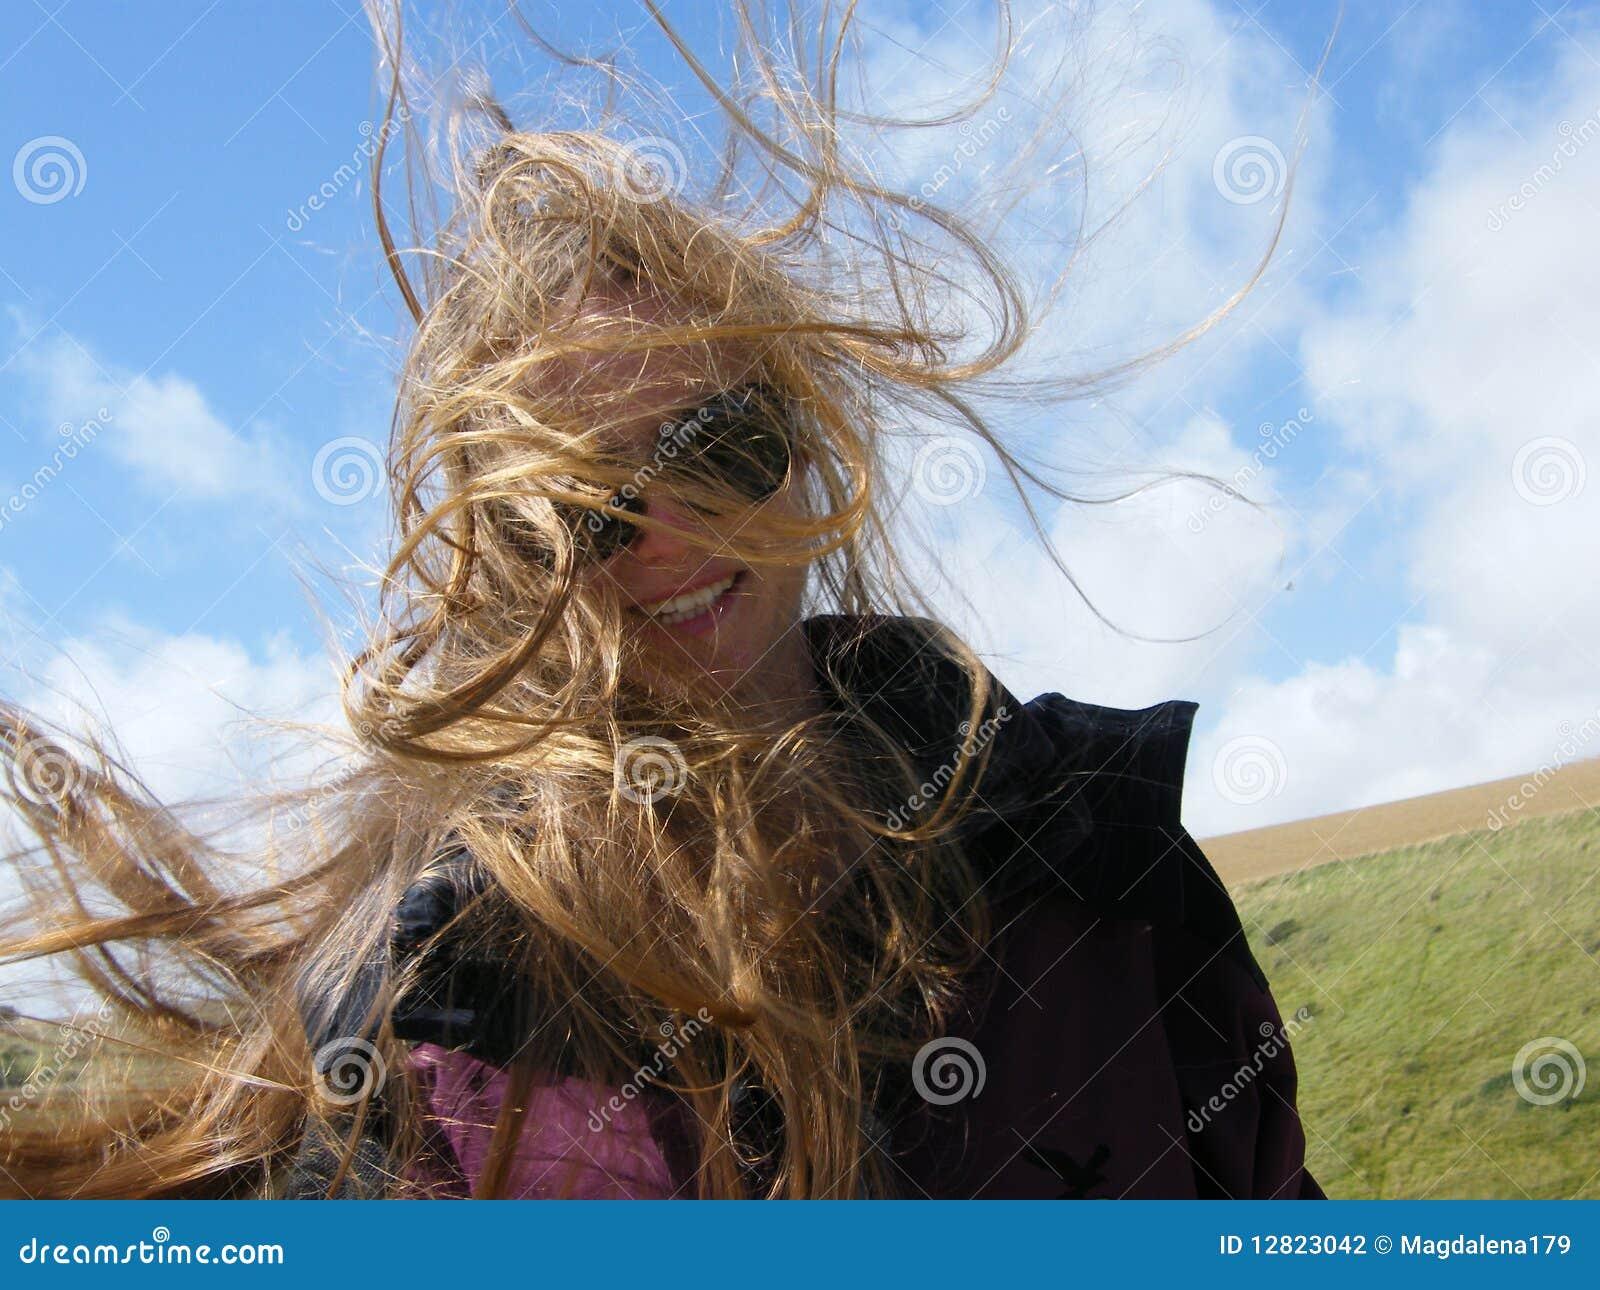 Hair blowing in the wind meme